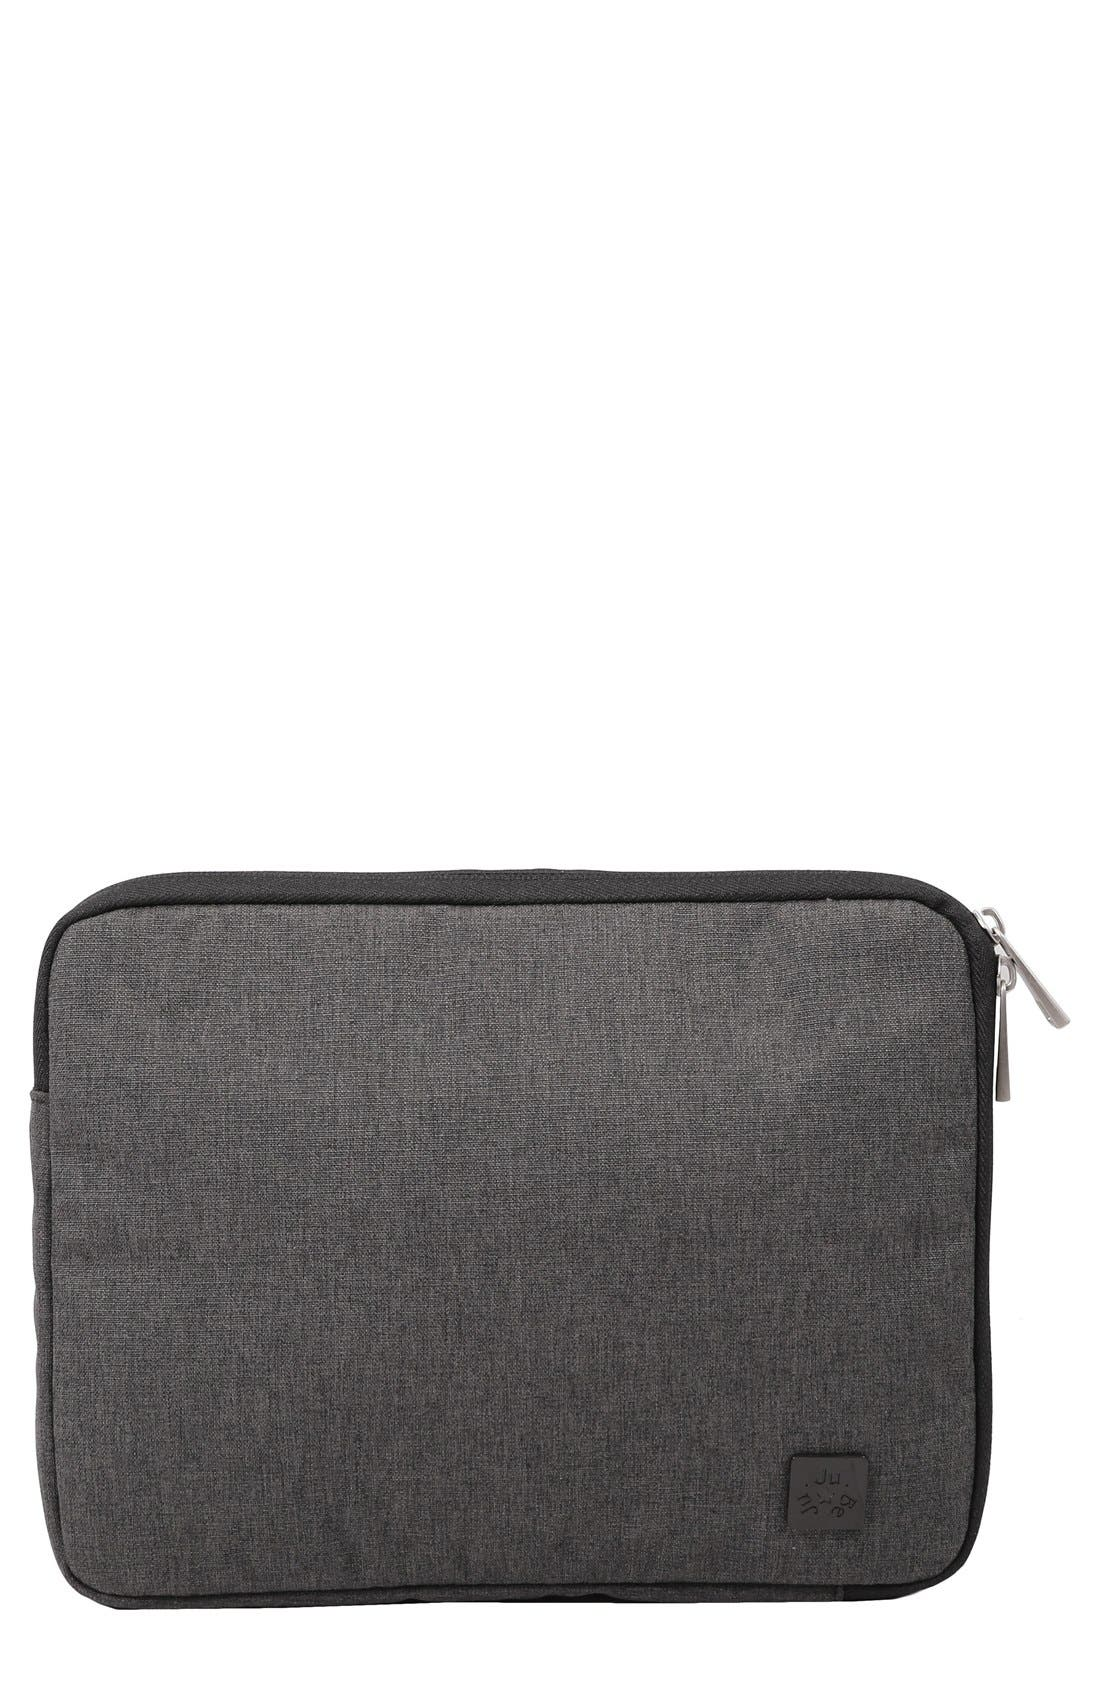 Ju-Ju-Be Micro Tech Tablet Case